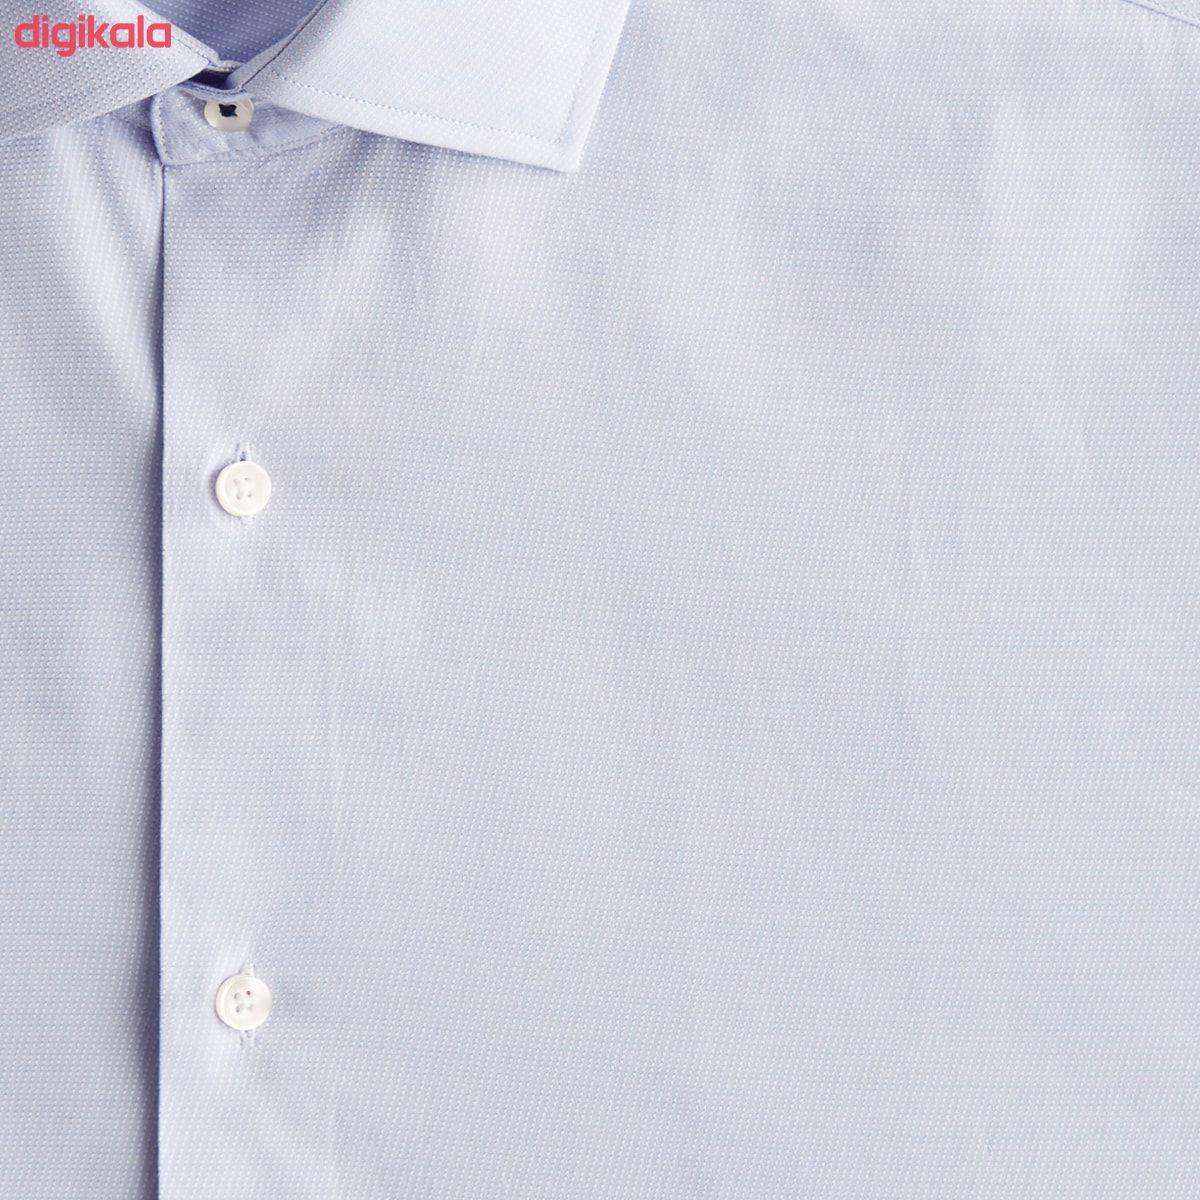 پیراهن مردانه مانگو مدل 660 main 1 8